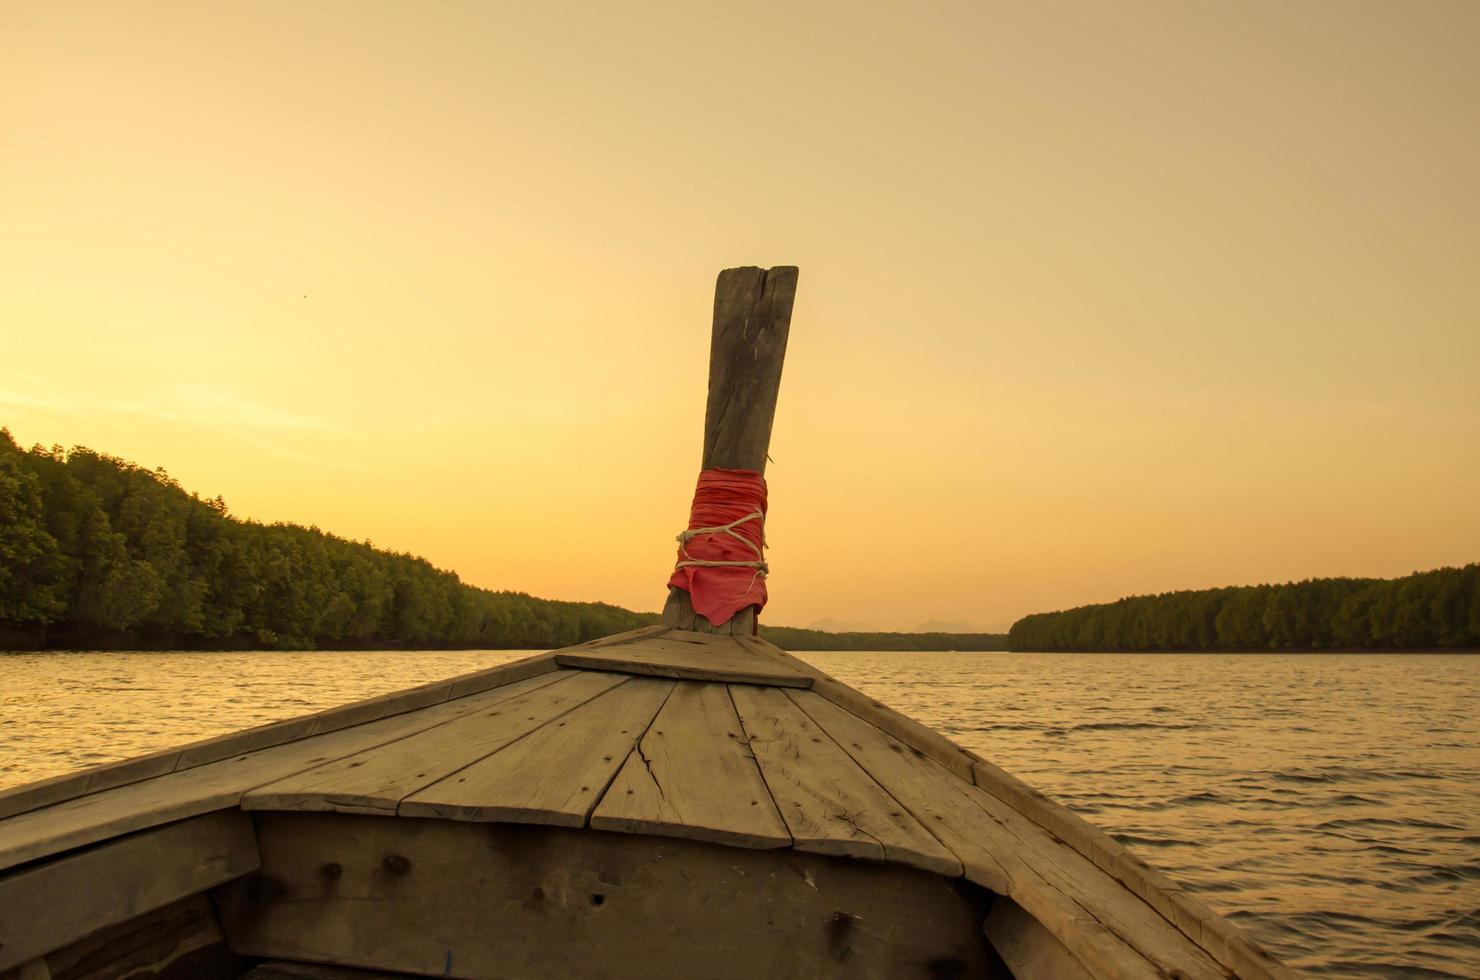 bateau dans l'eau photo